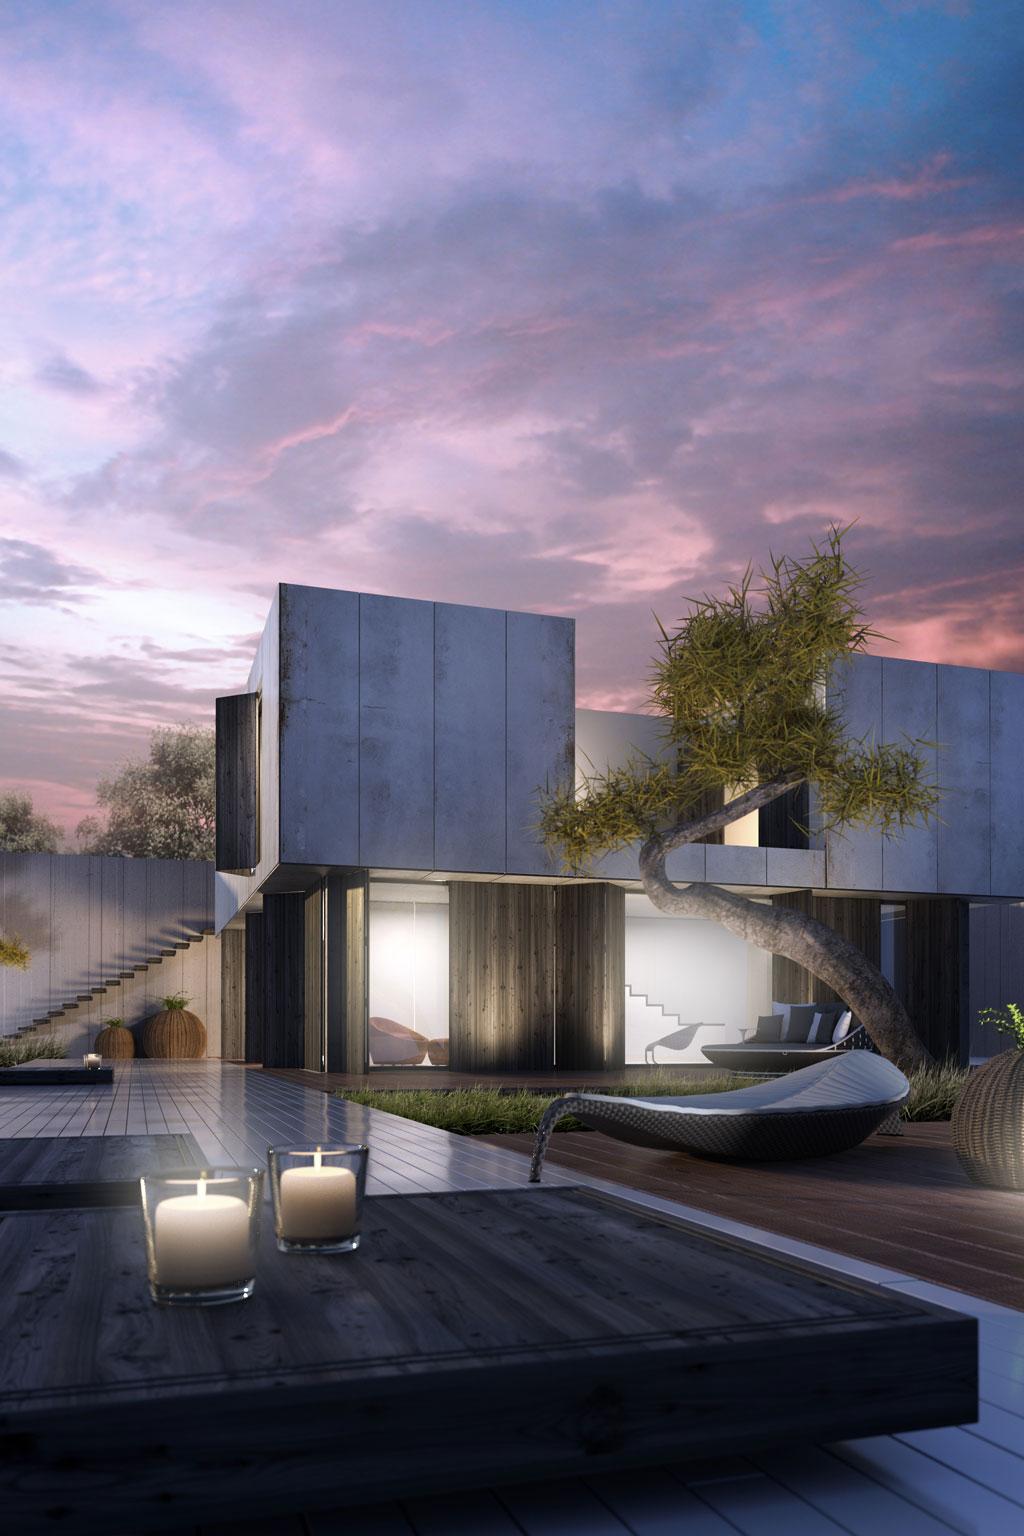 house-rendering-01